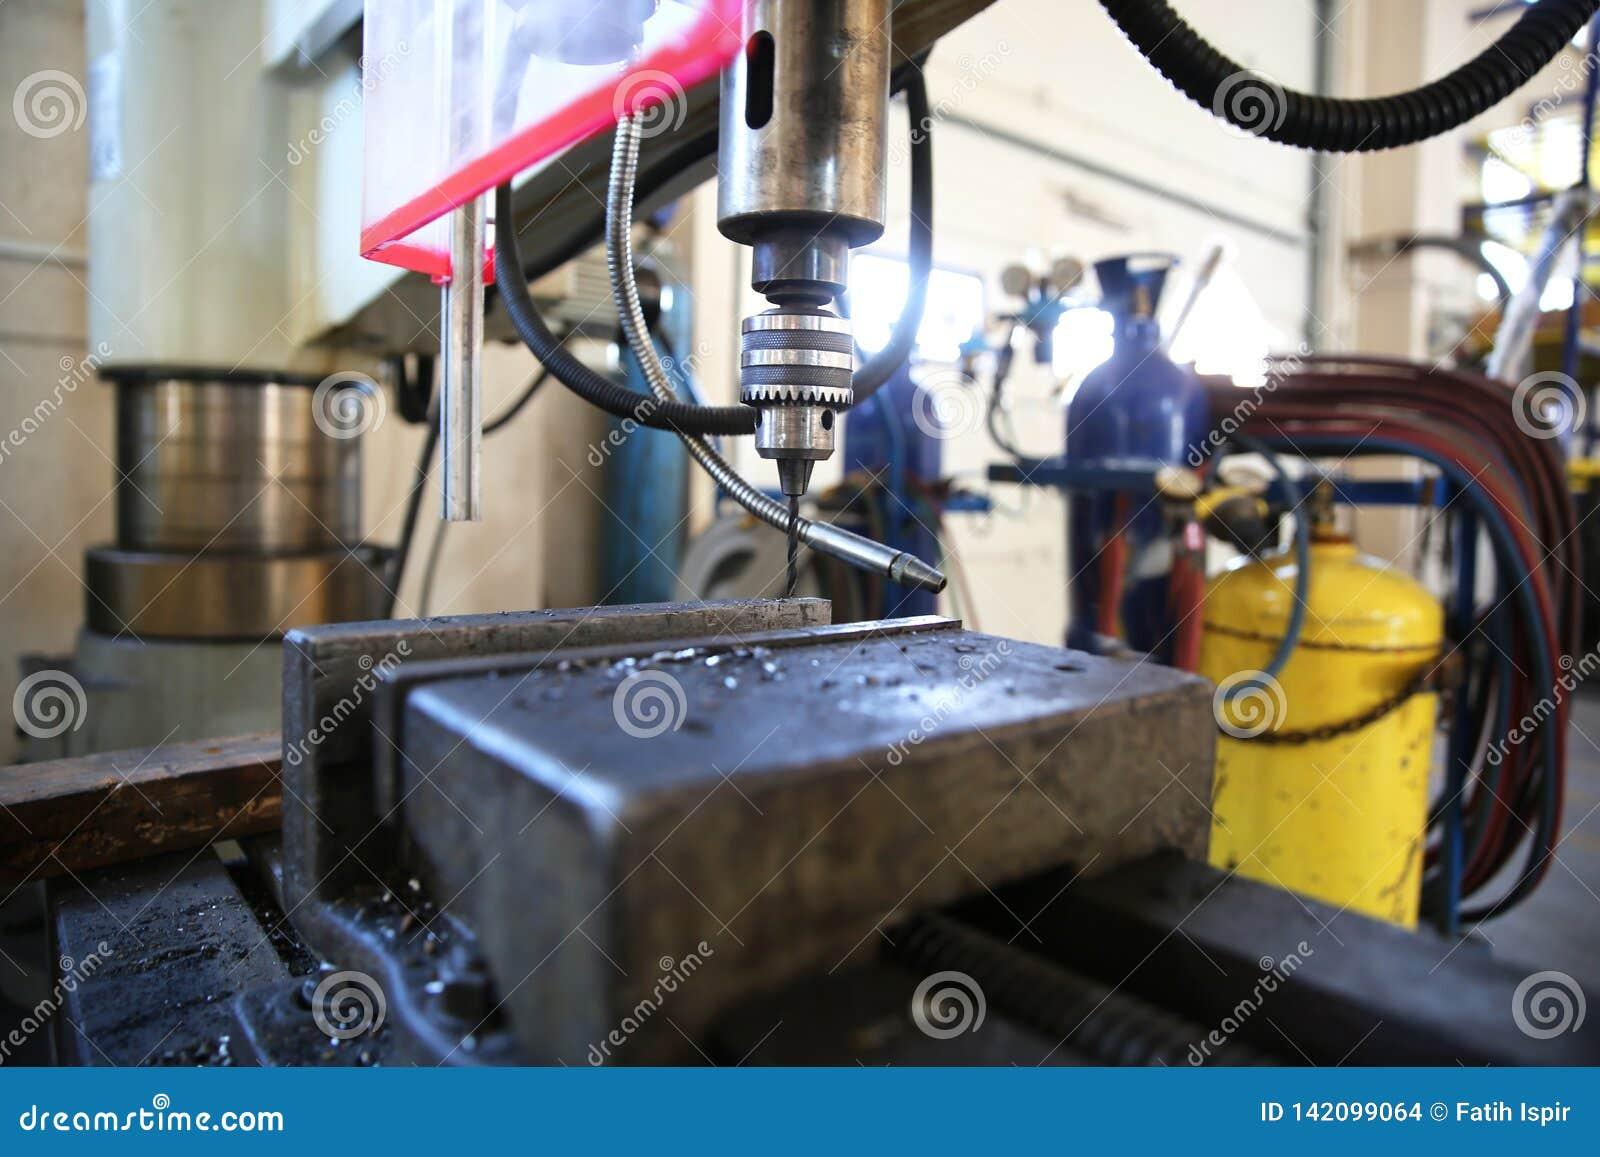 Industriel een Draaibankmachine